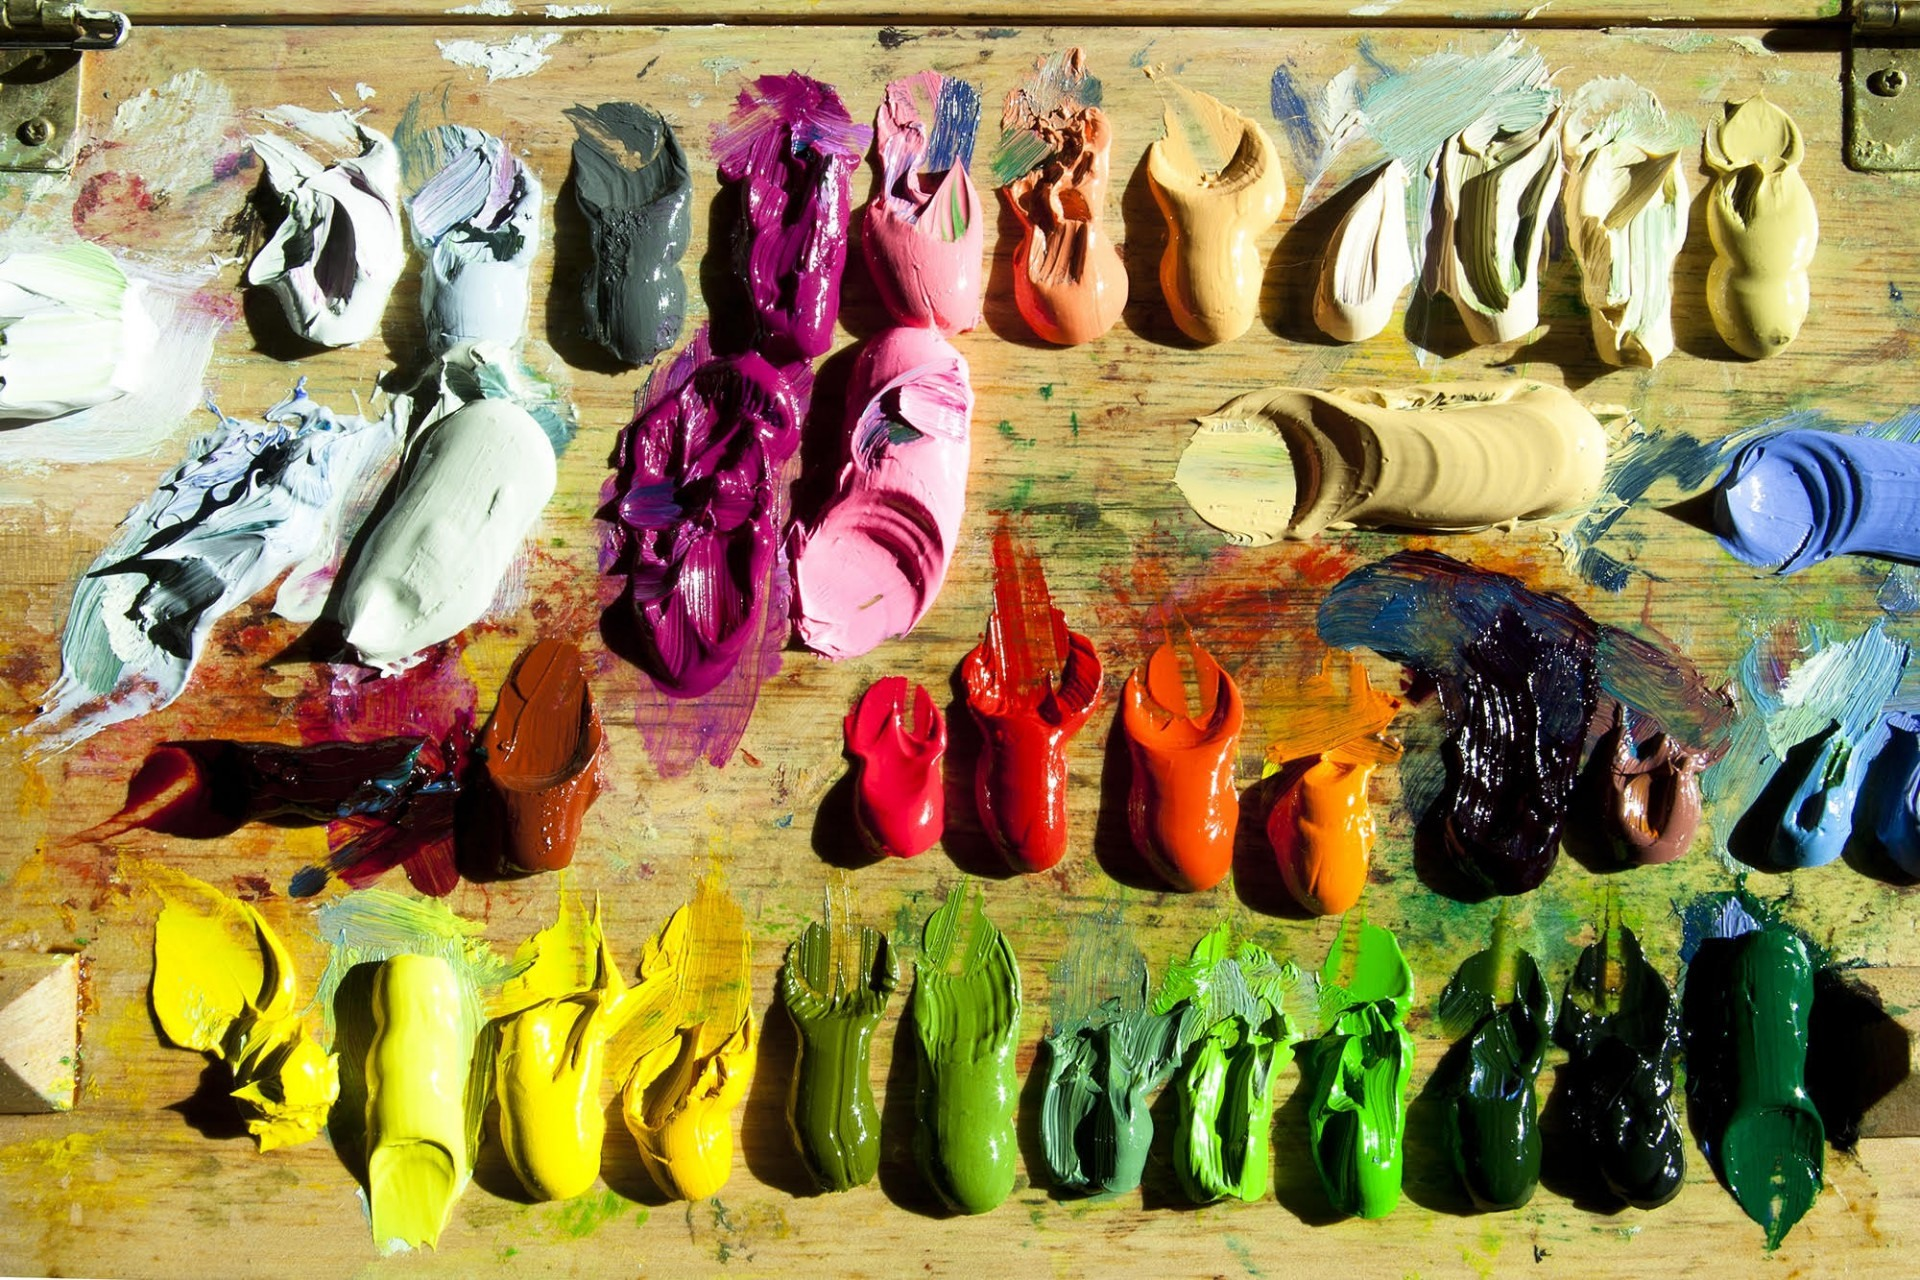 Psychologia koloru, czyli o tym jak kolory wpływają na kupujących